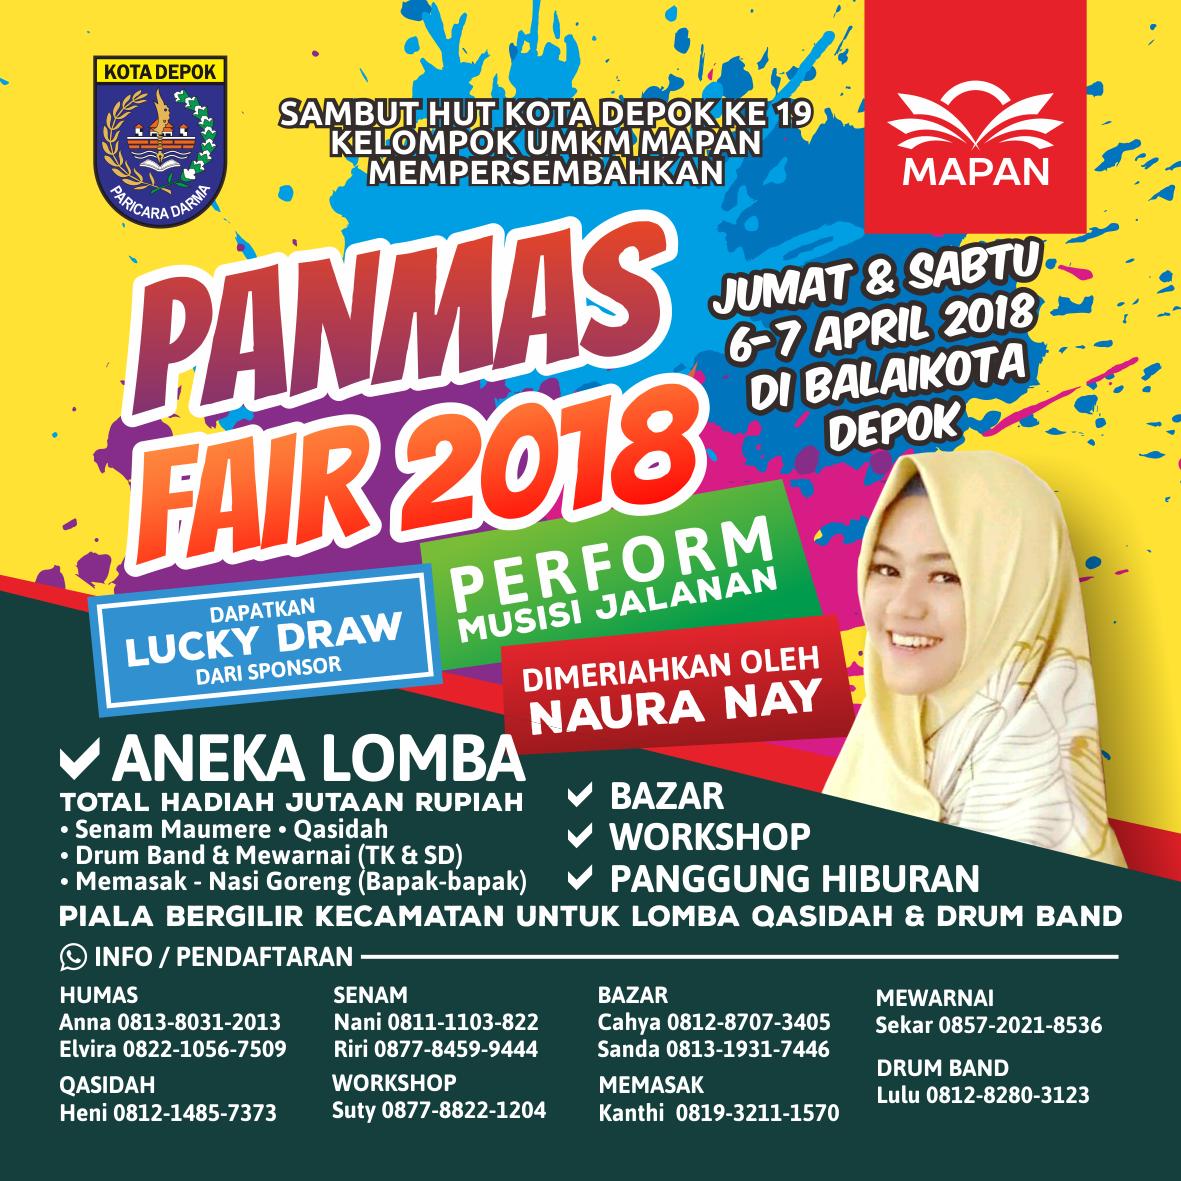 Panmas Fair 2018 - Pancoran Mas Fair Mapan Depok